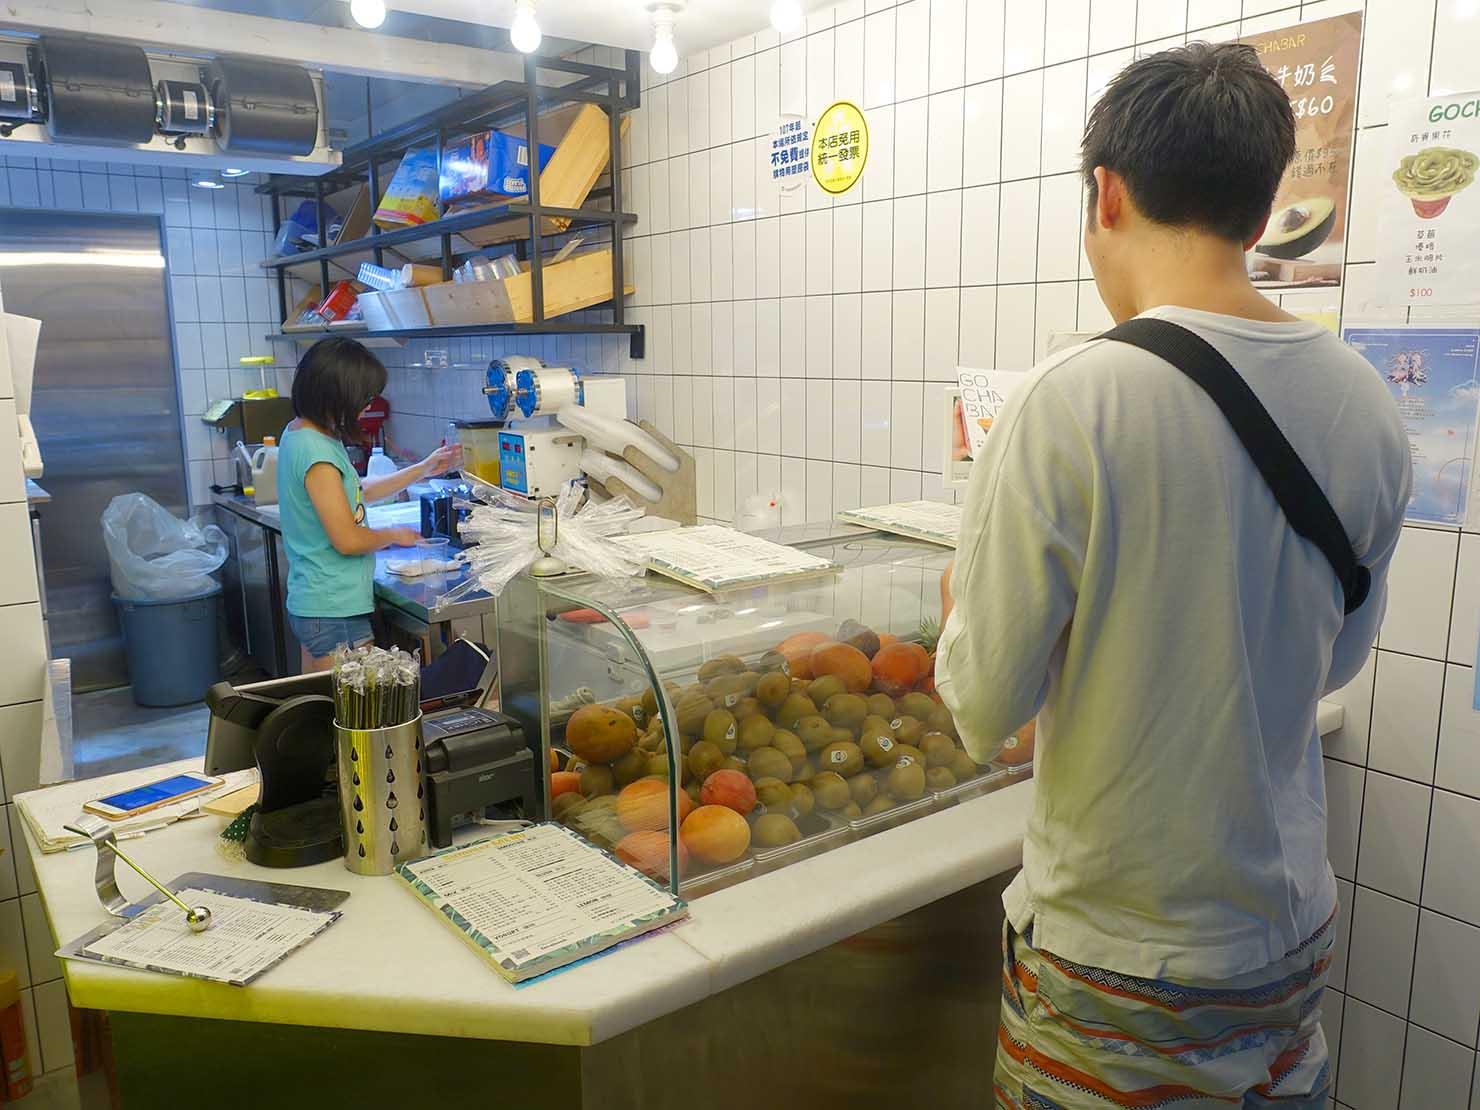 台北・中山駅周辺のおすすめドリンクスタンド「果汁吧 GO CHA BAR」のカウンター